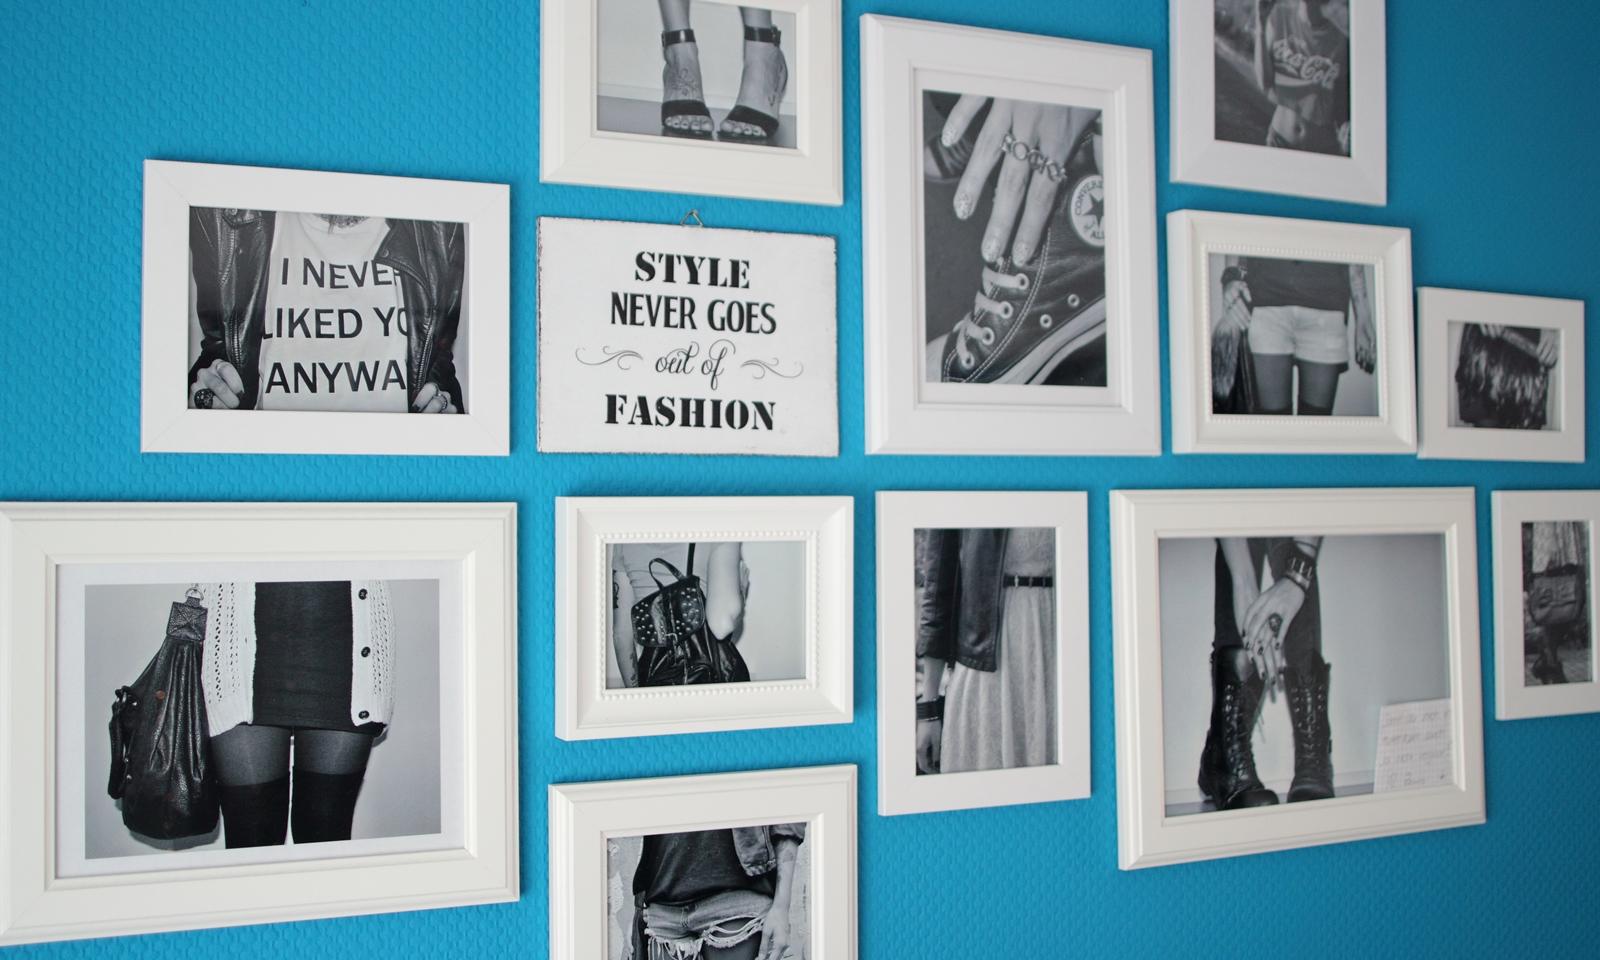 schlafzimmer bilderwand laue wand fotos schwarz weiss. Black Bedroom Furniture Sets. Home Design Ideas